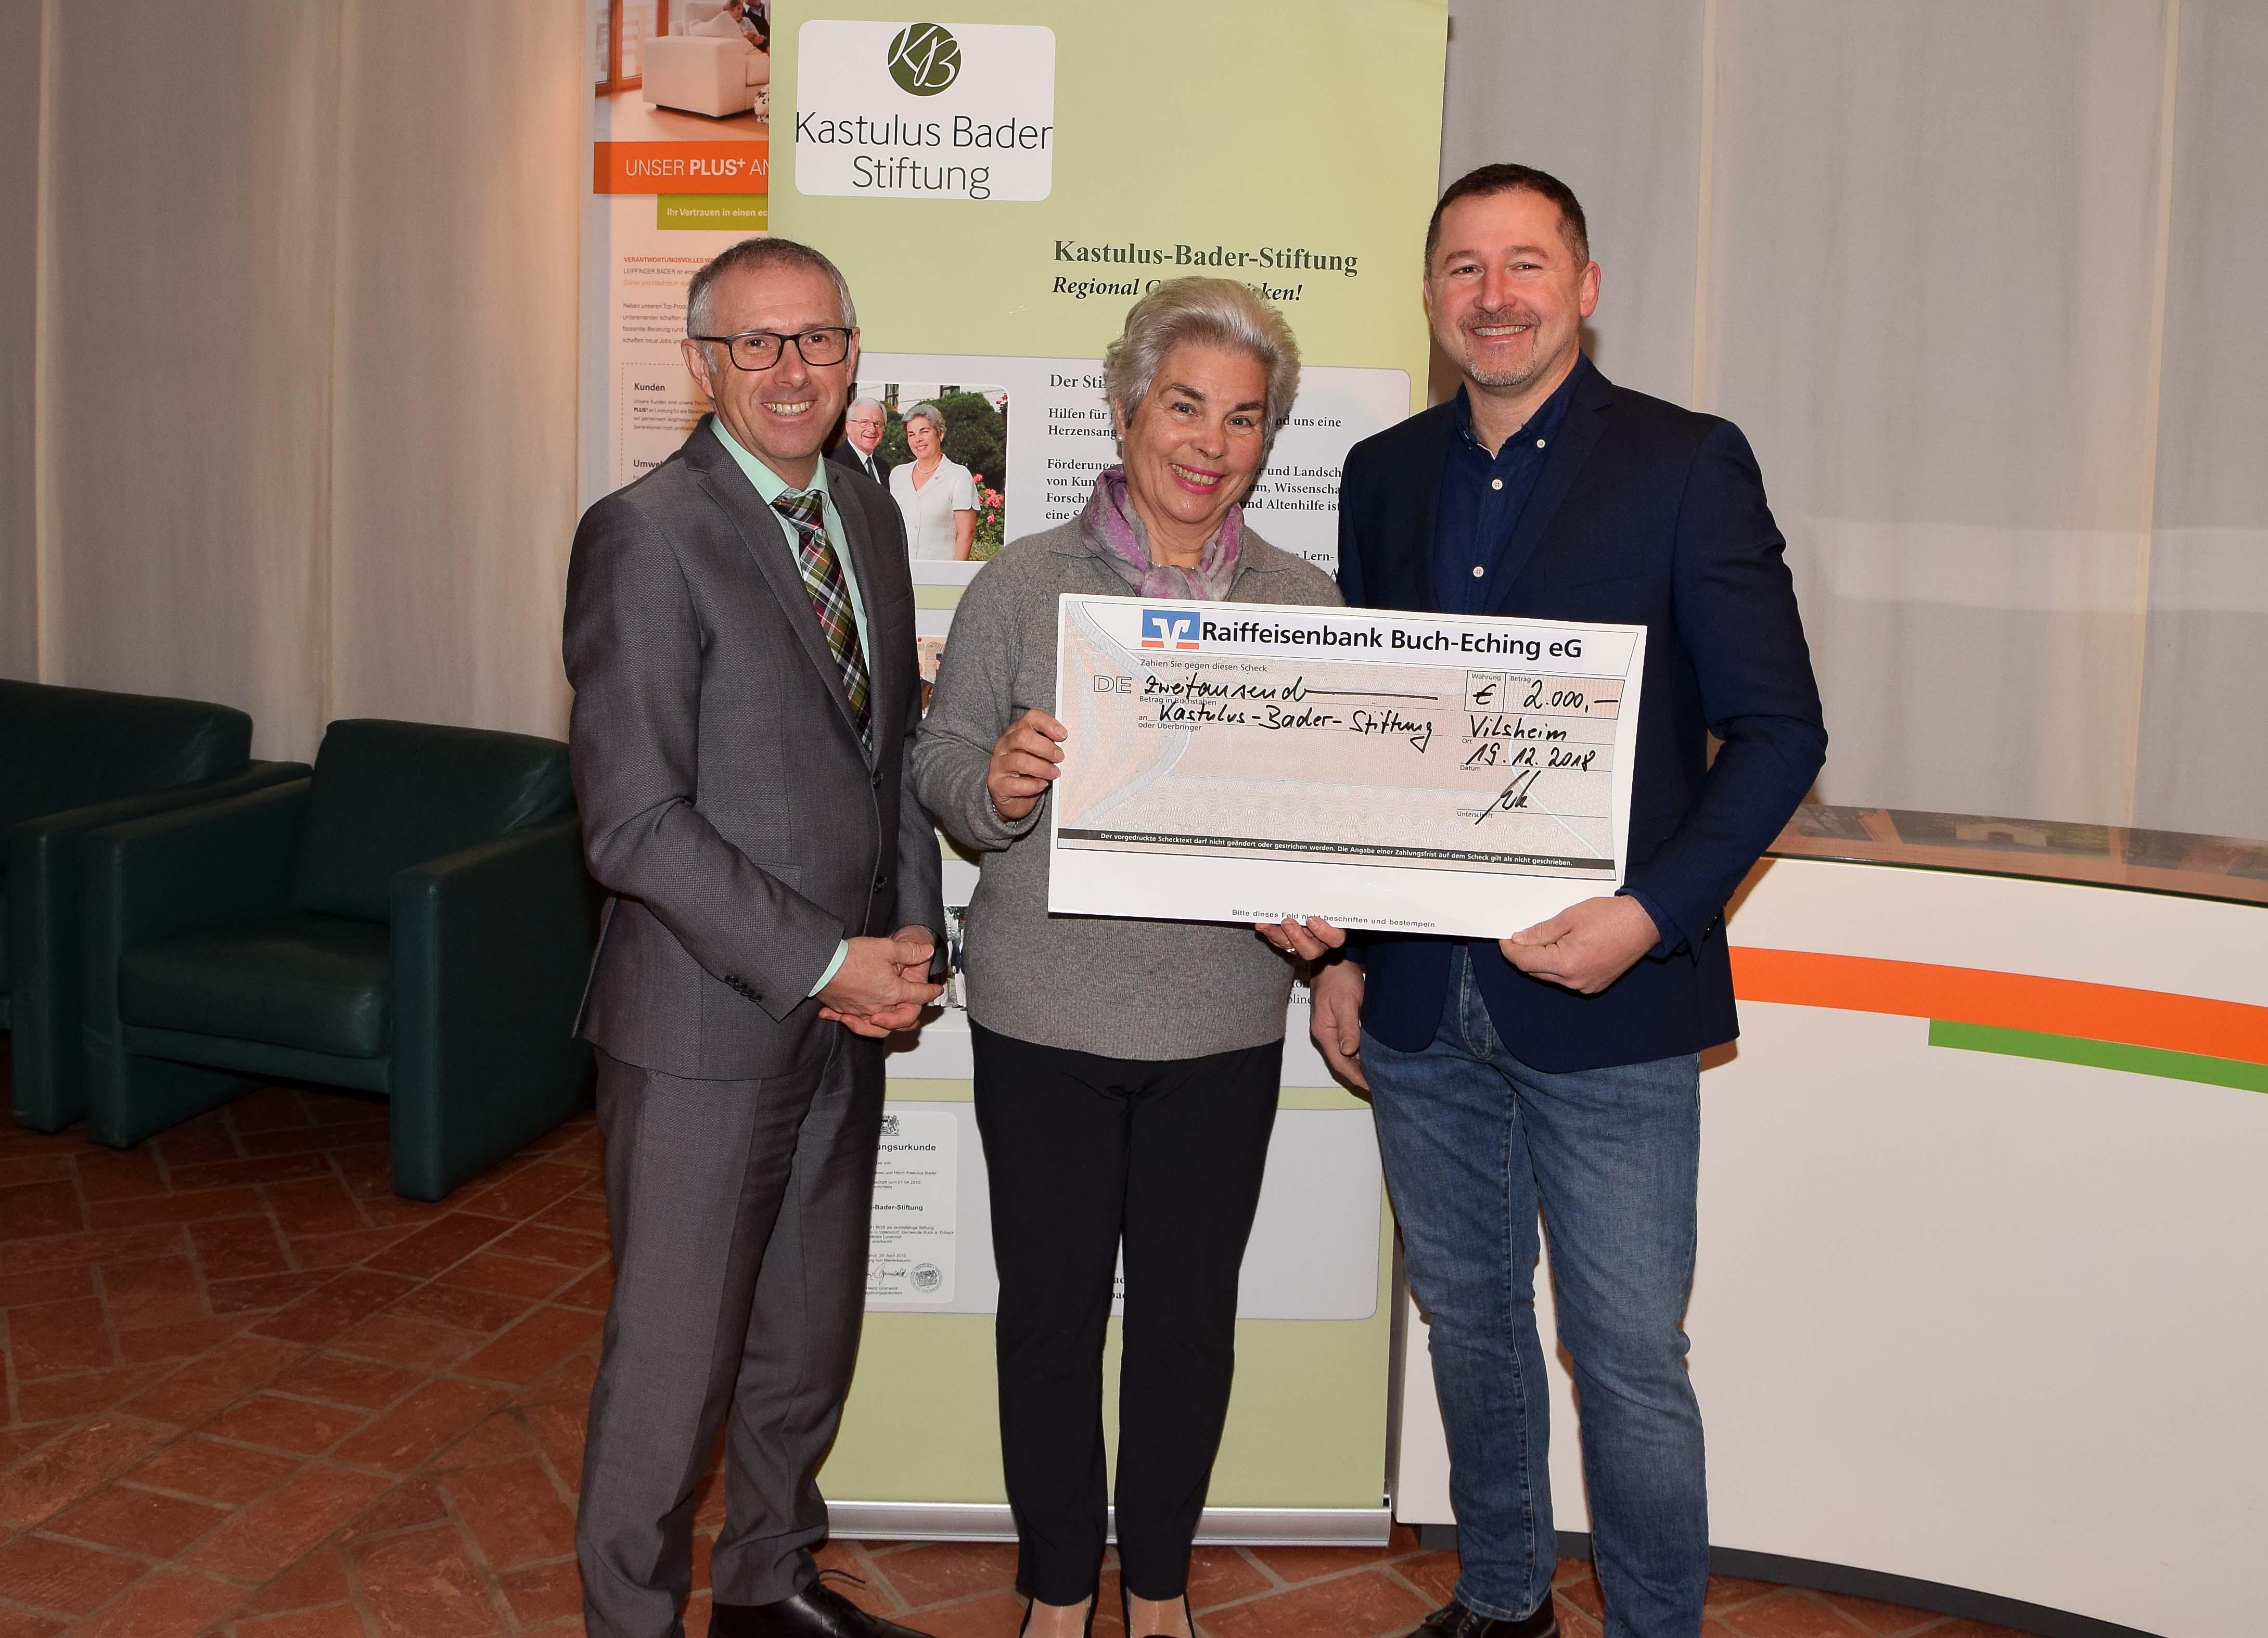 Elektro Scheubeck spendet 2.000 Euro an die Kastulus-Bader-Stiftung